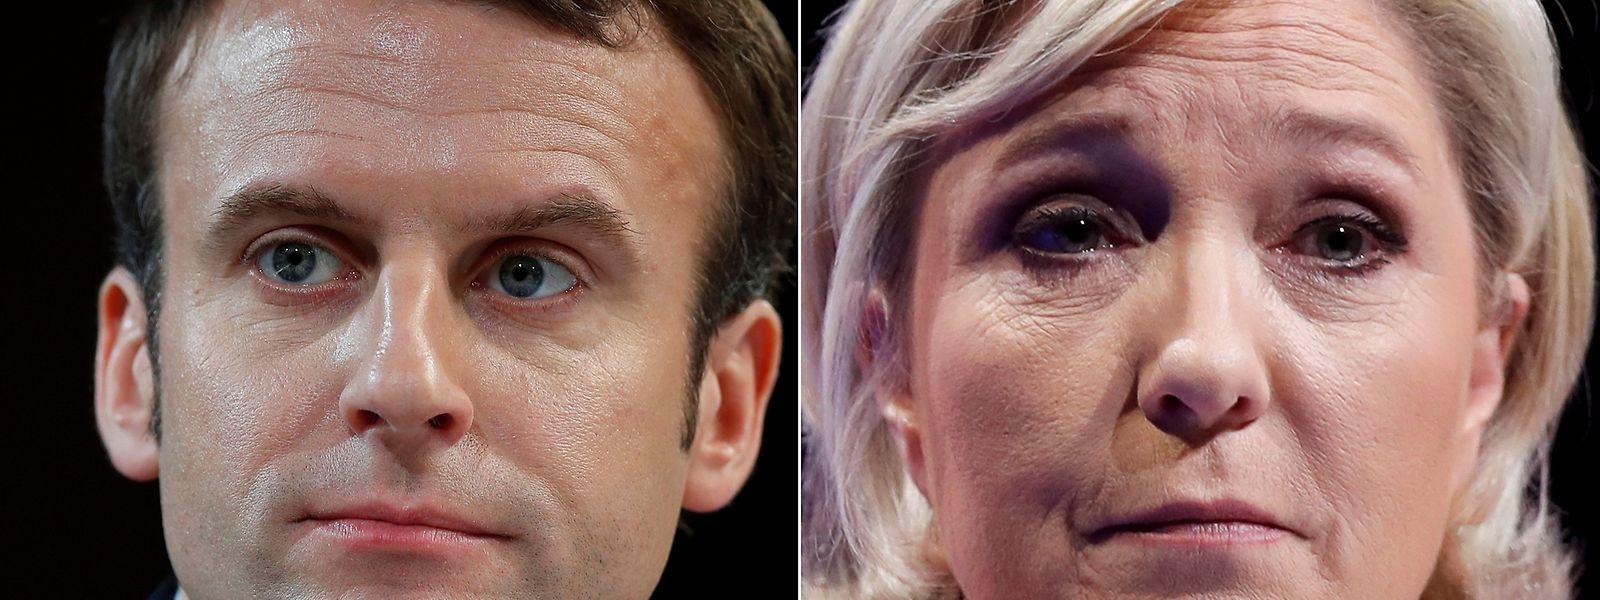 Emmanuel Macron und Marine Le Pen stehen in der Stichwahl - die mit einiger Sicherheit an Macron gehen wird.